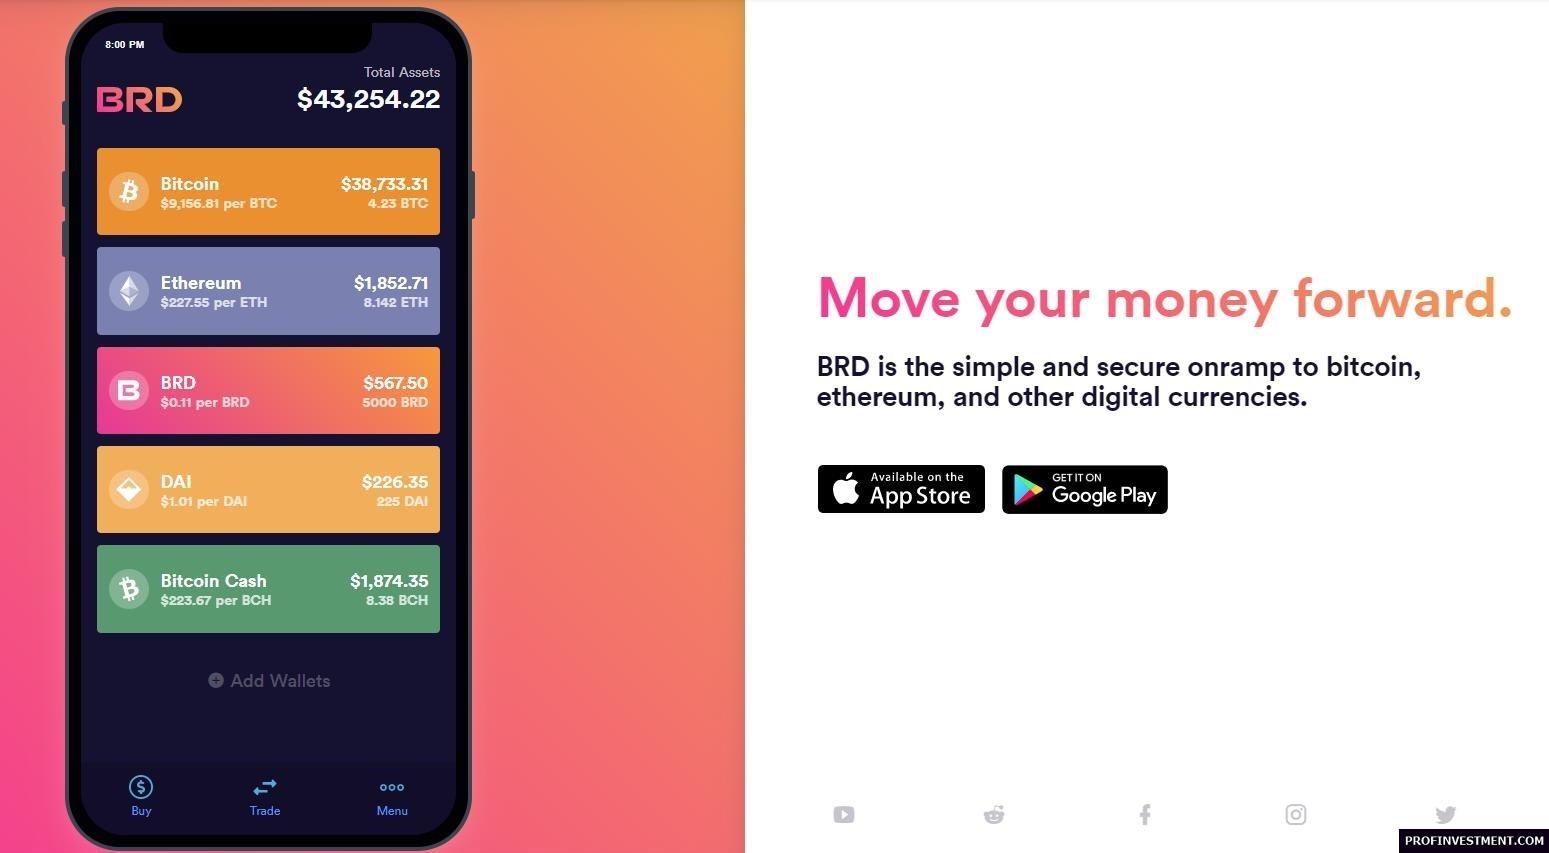 кошелек BRD для мобильного хранения криптовалюты